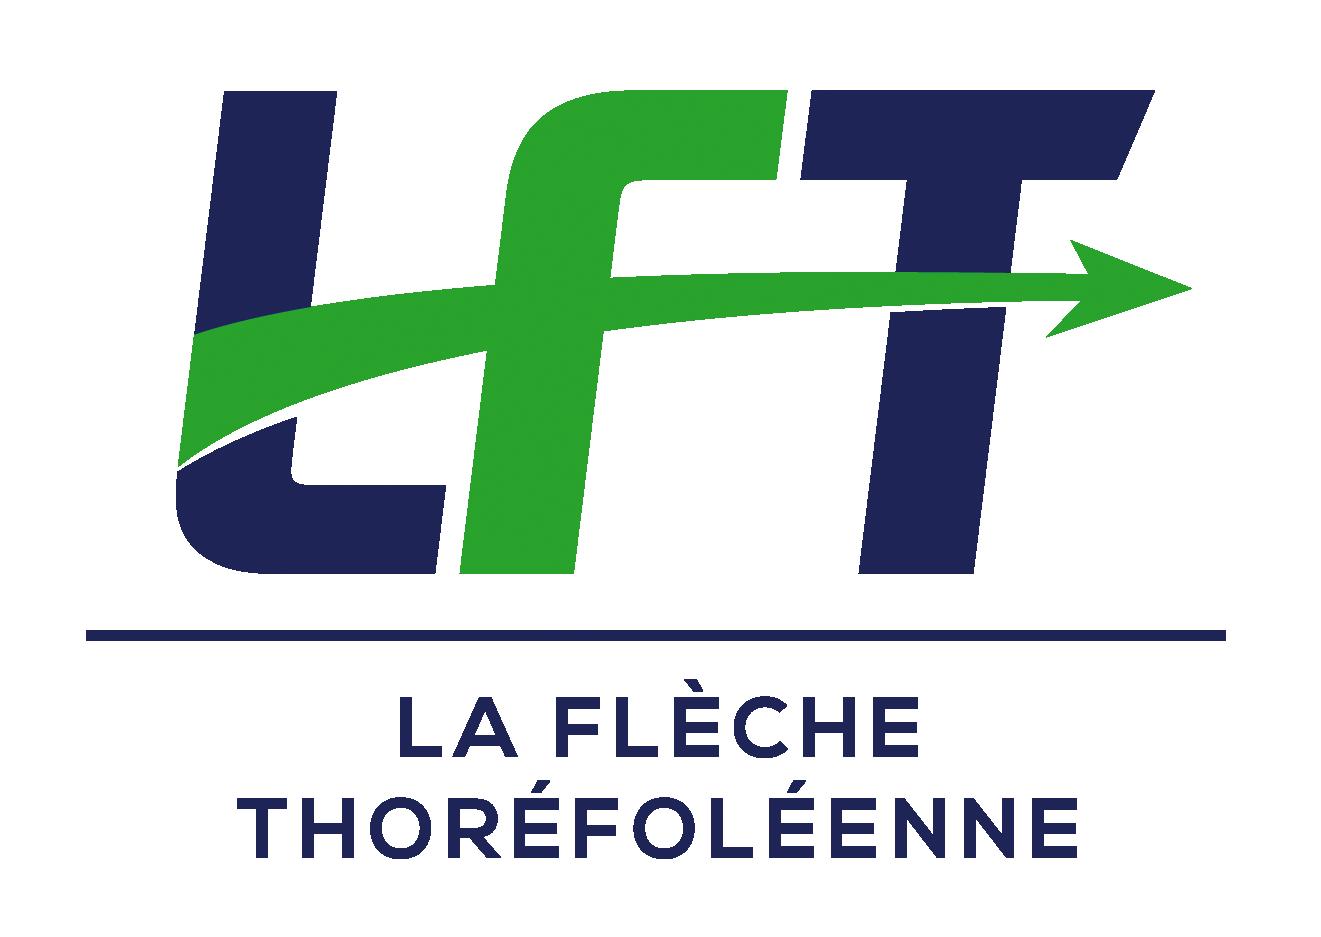 LFT - La Flèche Thoréfoléenne